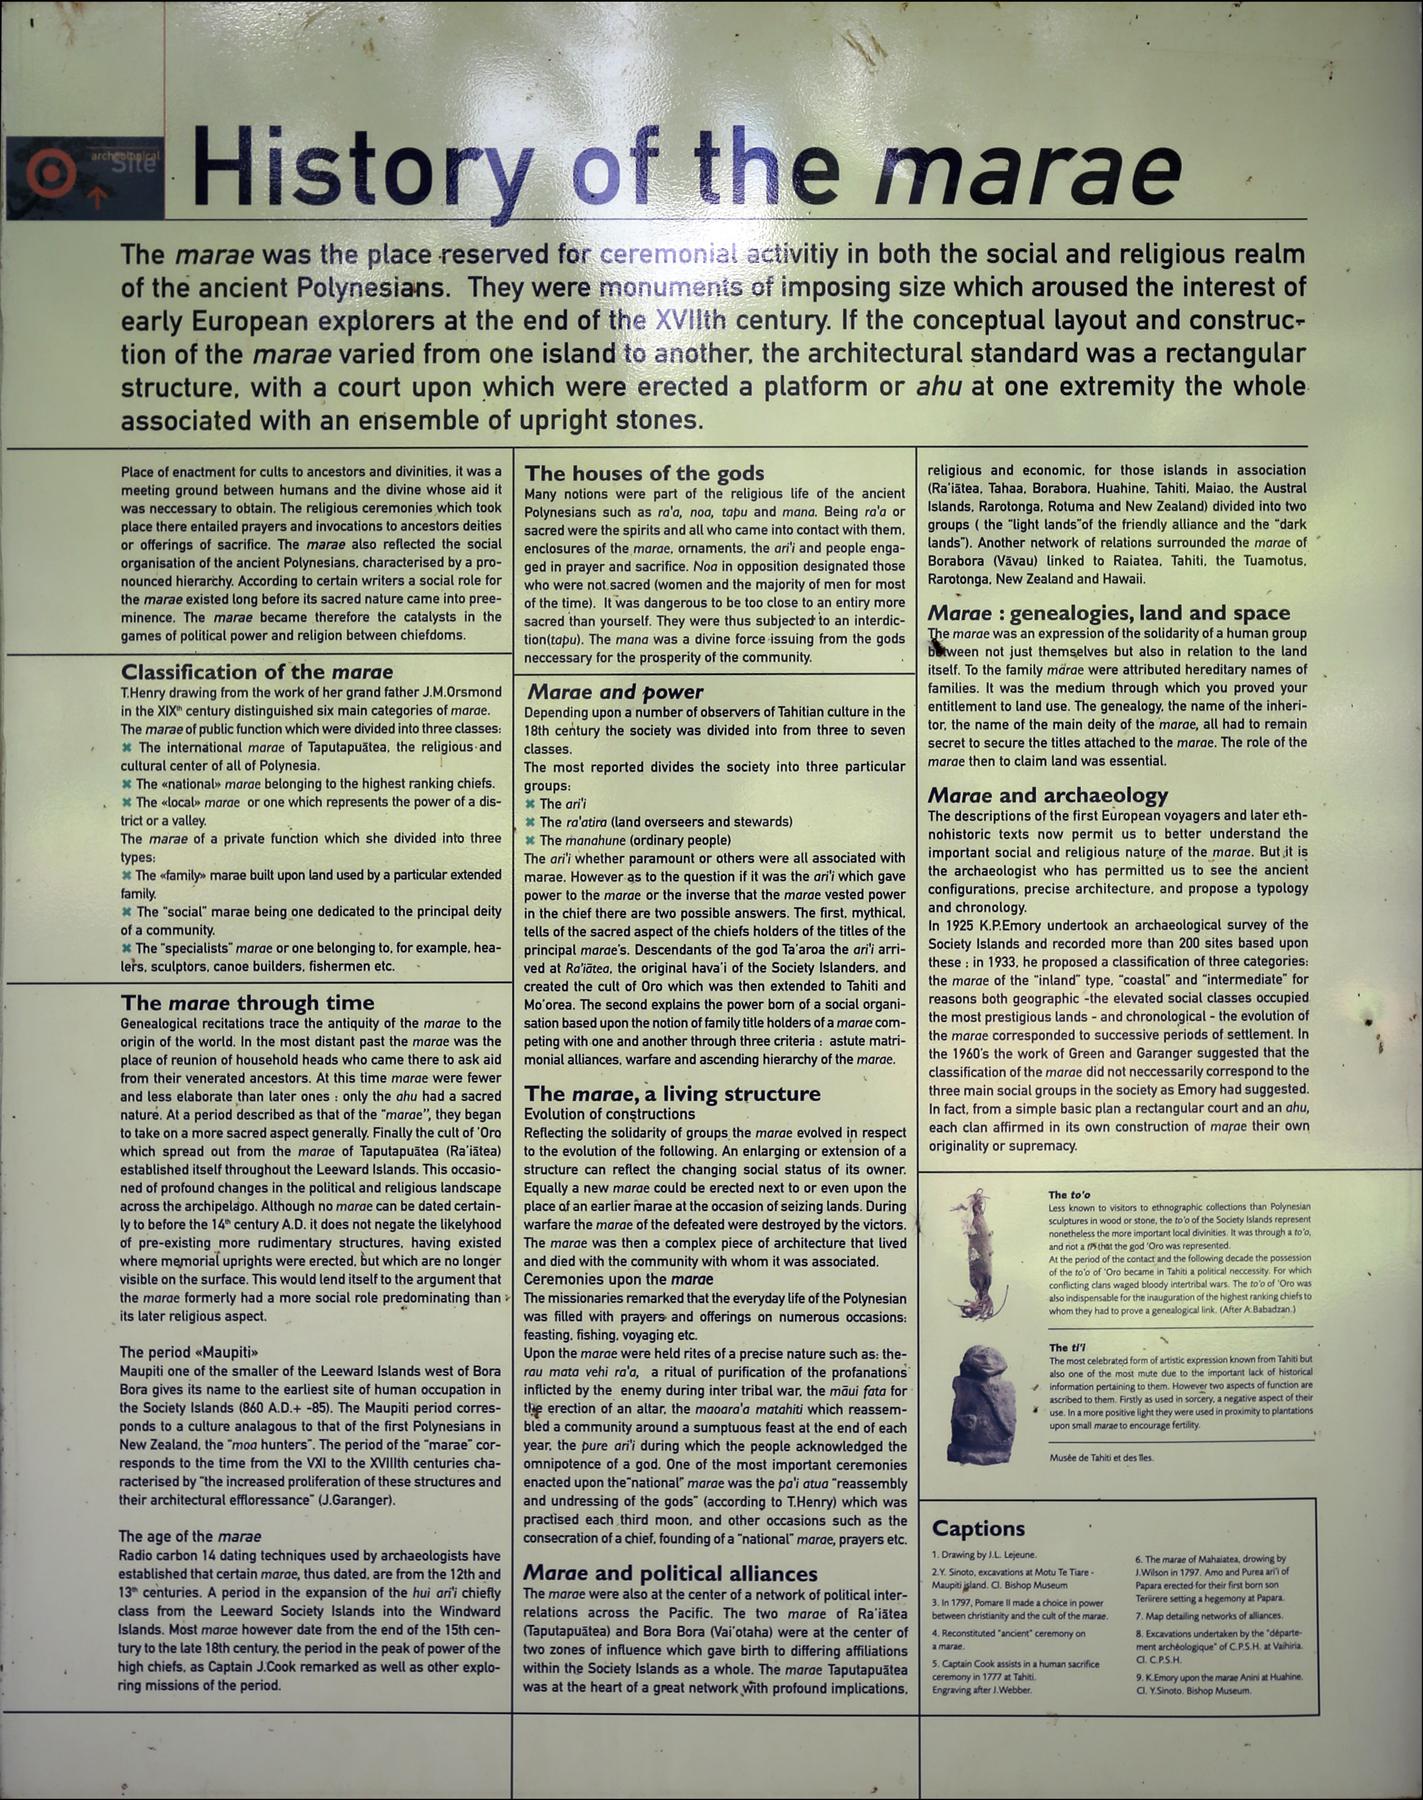 History of the Marae